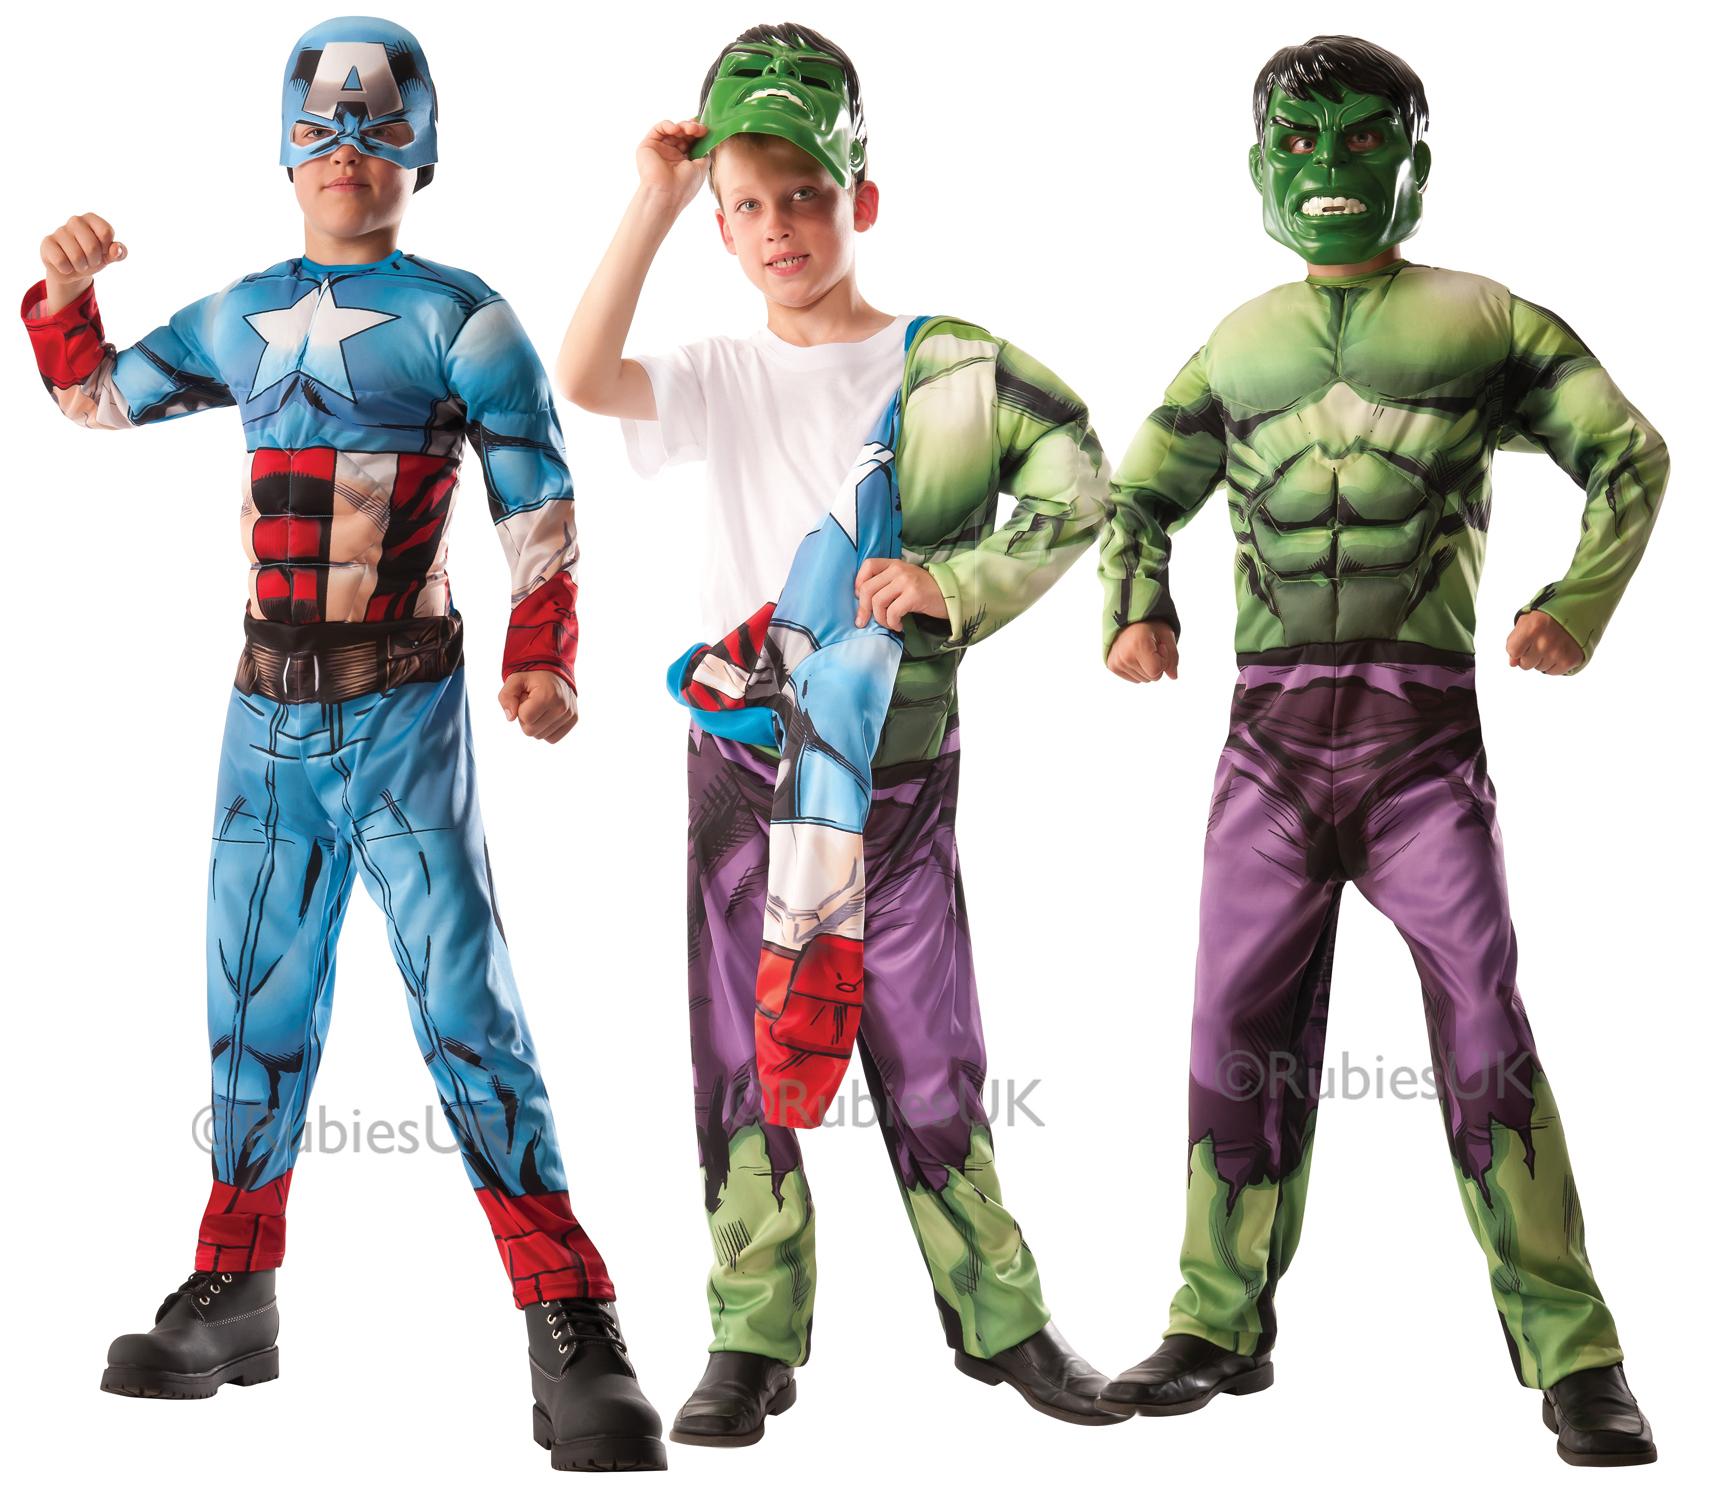 il prezzo rimane stabile grande collezione scarpe da ginnastica a buon mercato Dettagli su Deluxe reversibile Avengers abito fantasia Ragazzi Hulk Capitan  America Bambino Costume- mostra il titolo originale